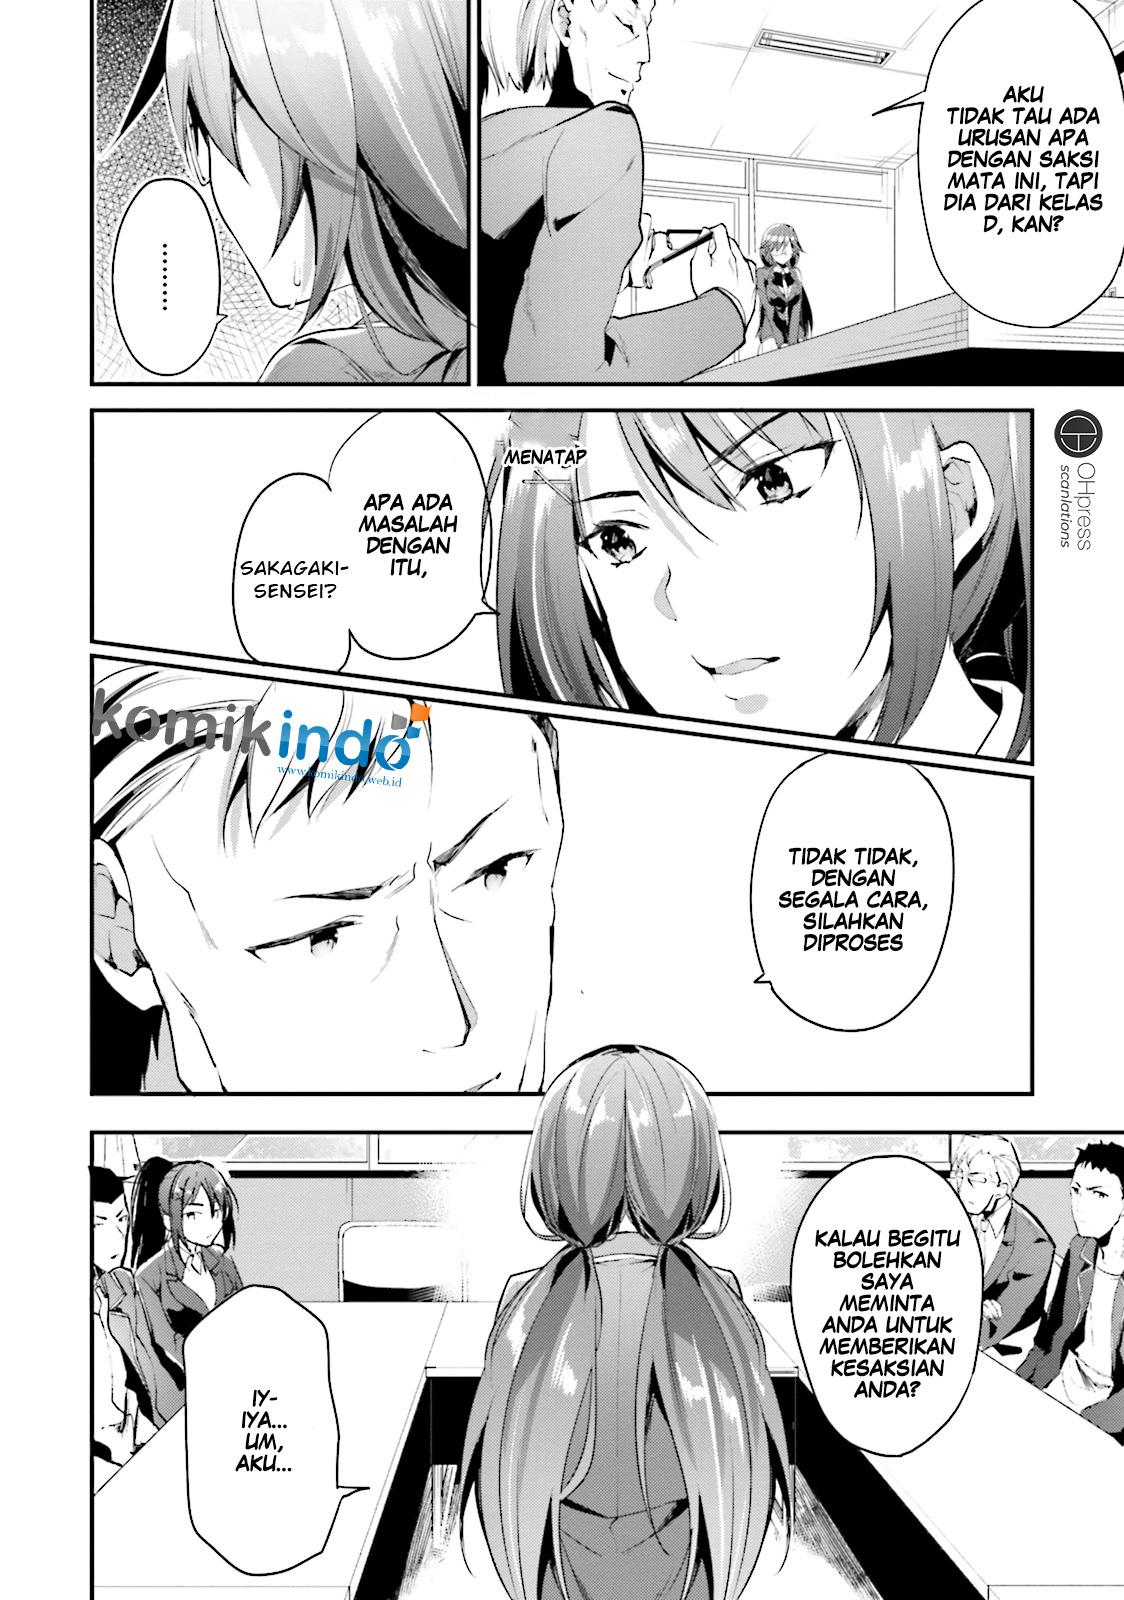 Baca Komik Youkoso Jitsuryoku Shijou Shugi no Kyoushitsu e Chapter 13 Bahasa Indonesia Page 4